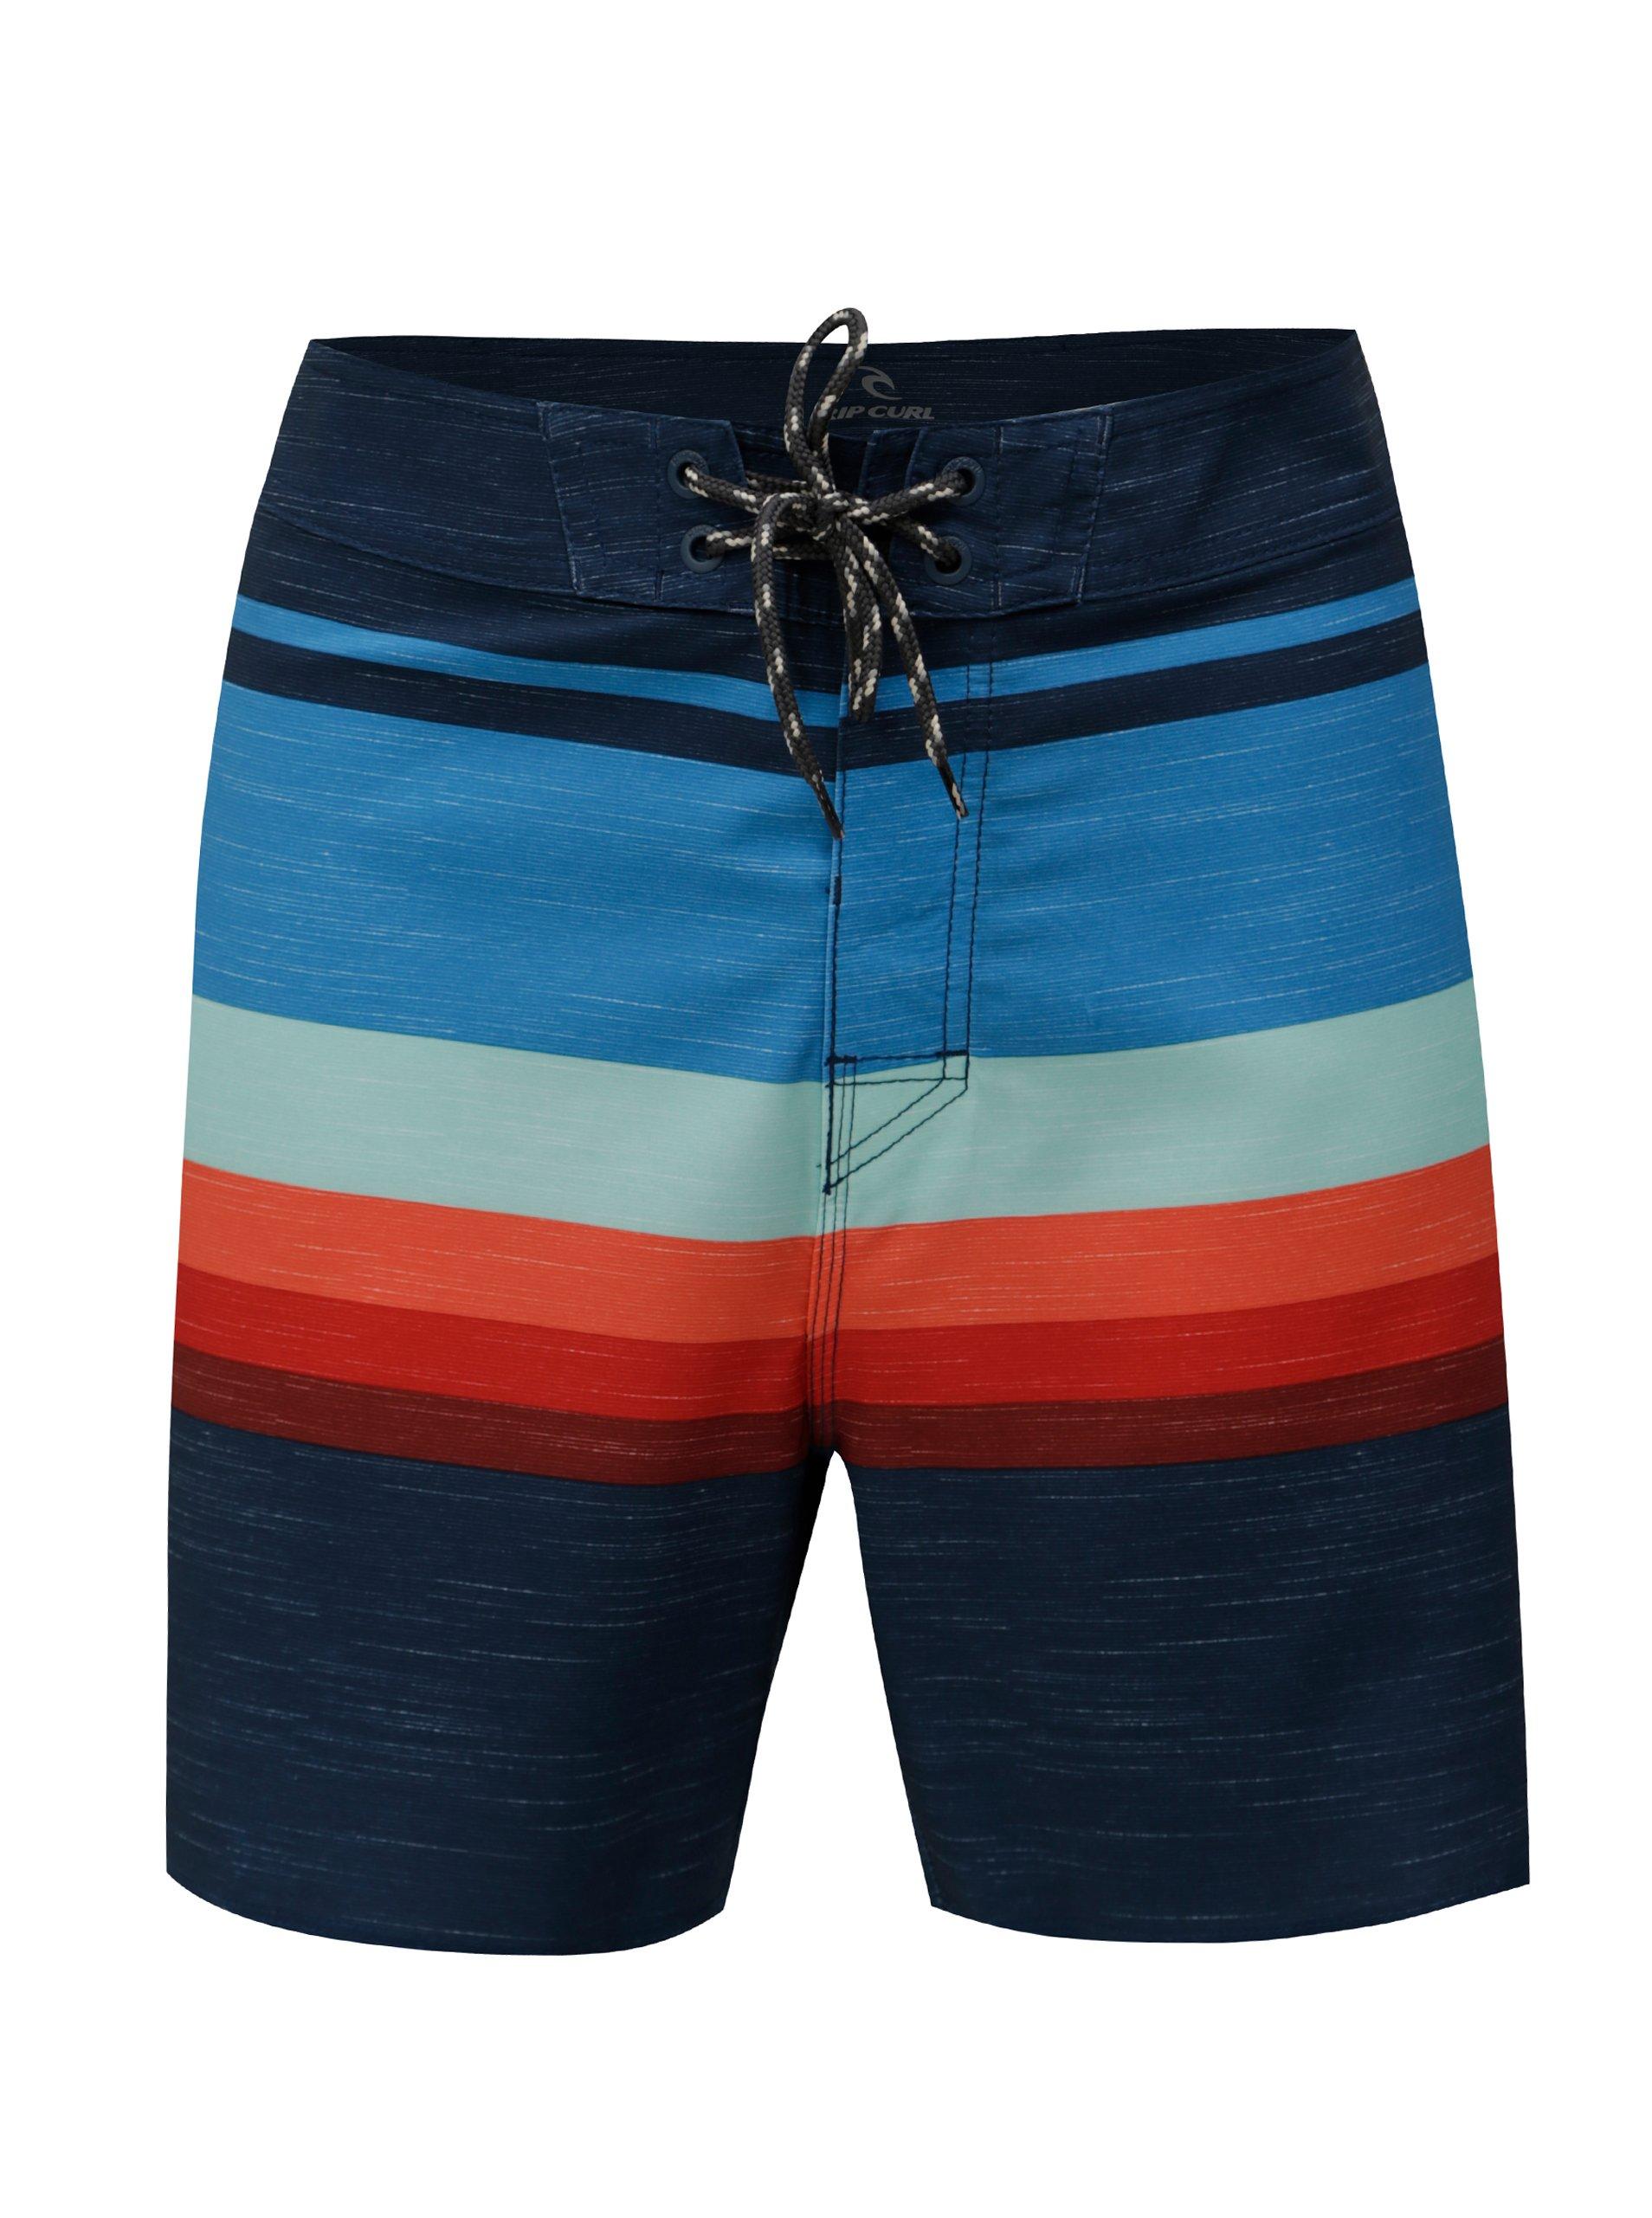 Tmavě modré pánské pruhované plavky Rip Curl 61abdfe52f